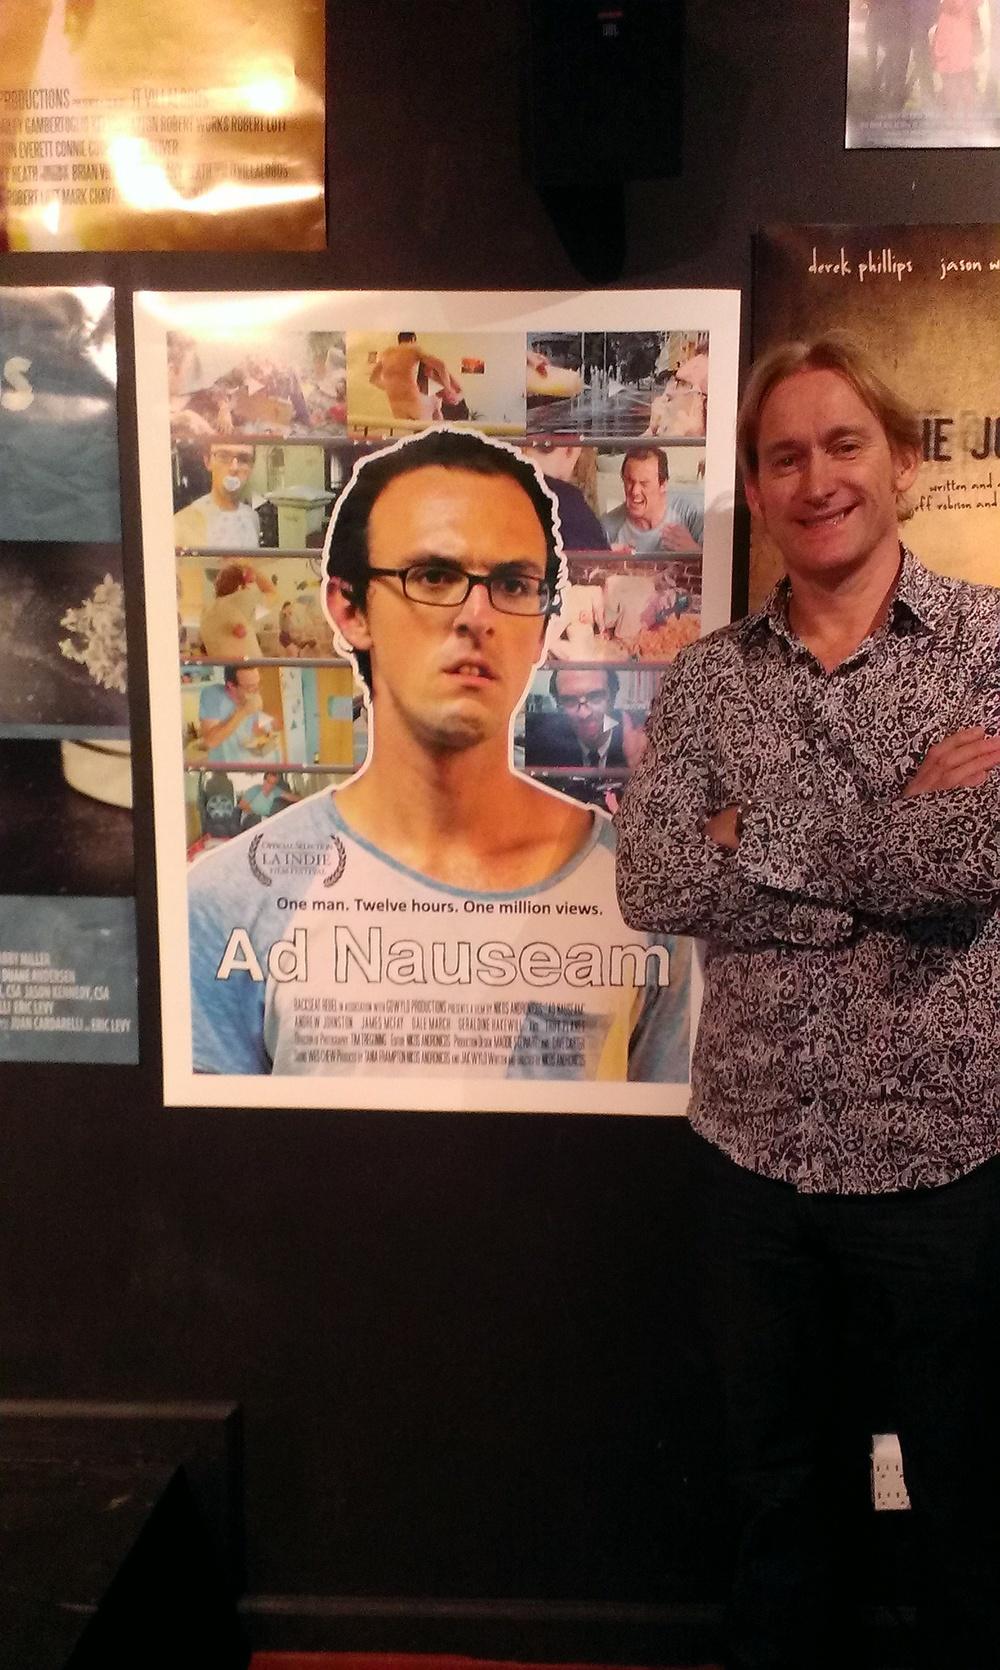 Ad Nauseam at the LA Indie Film Fest Mar 2013